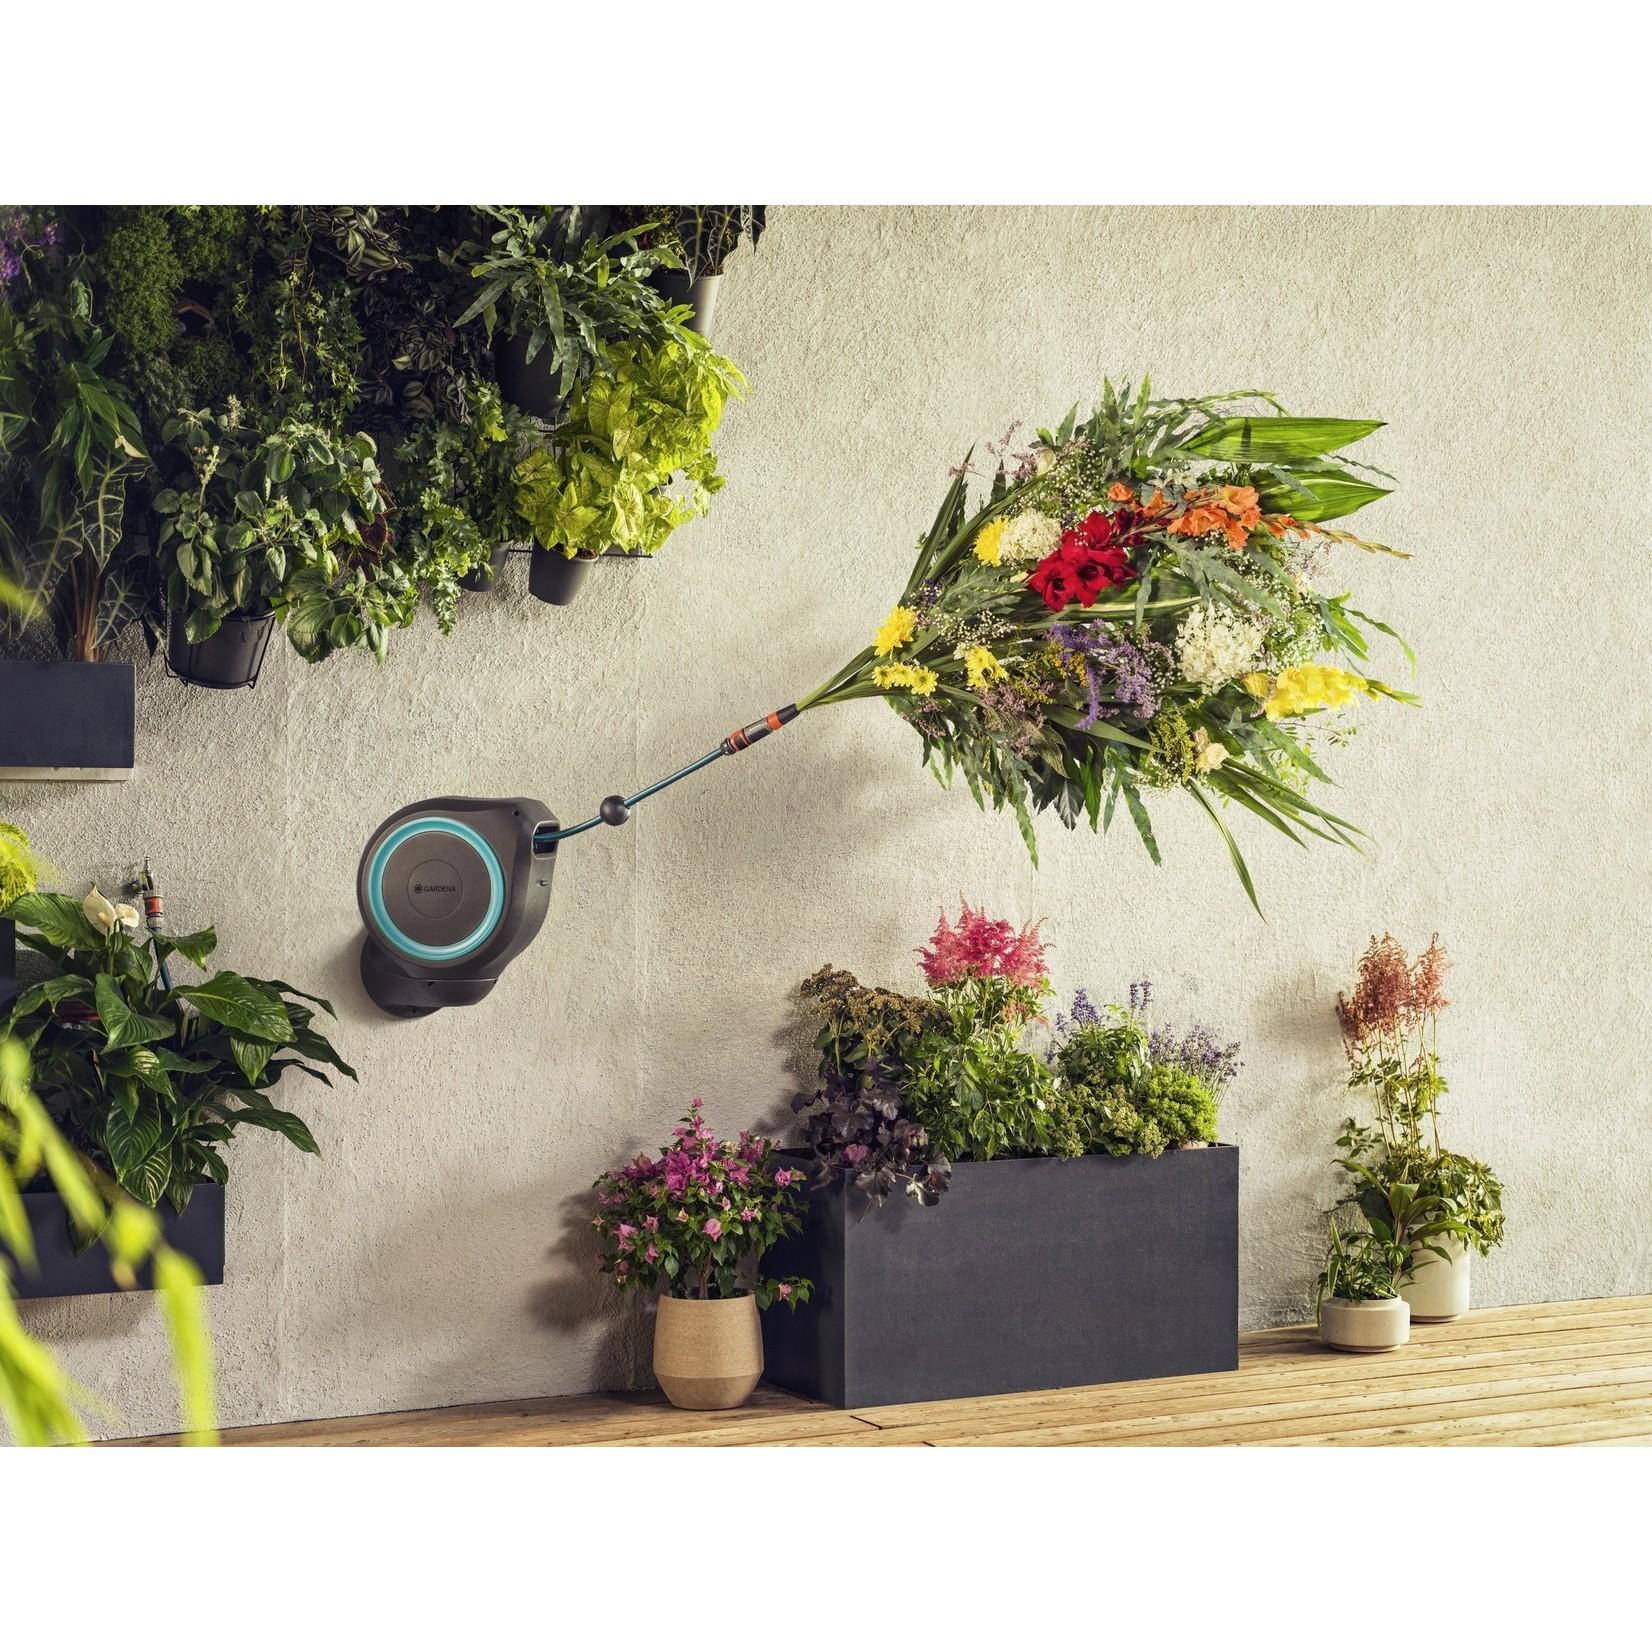 Gardena Gardena Wandslangenbox 15 RollUp S